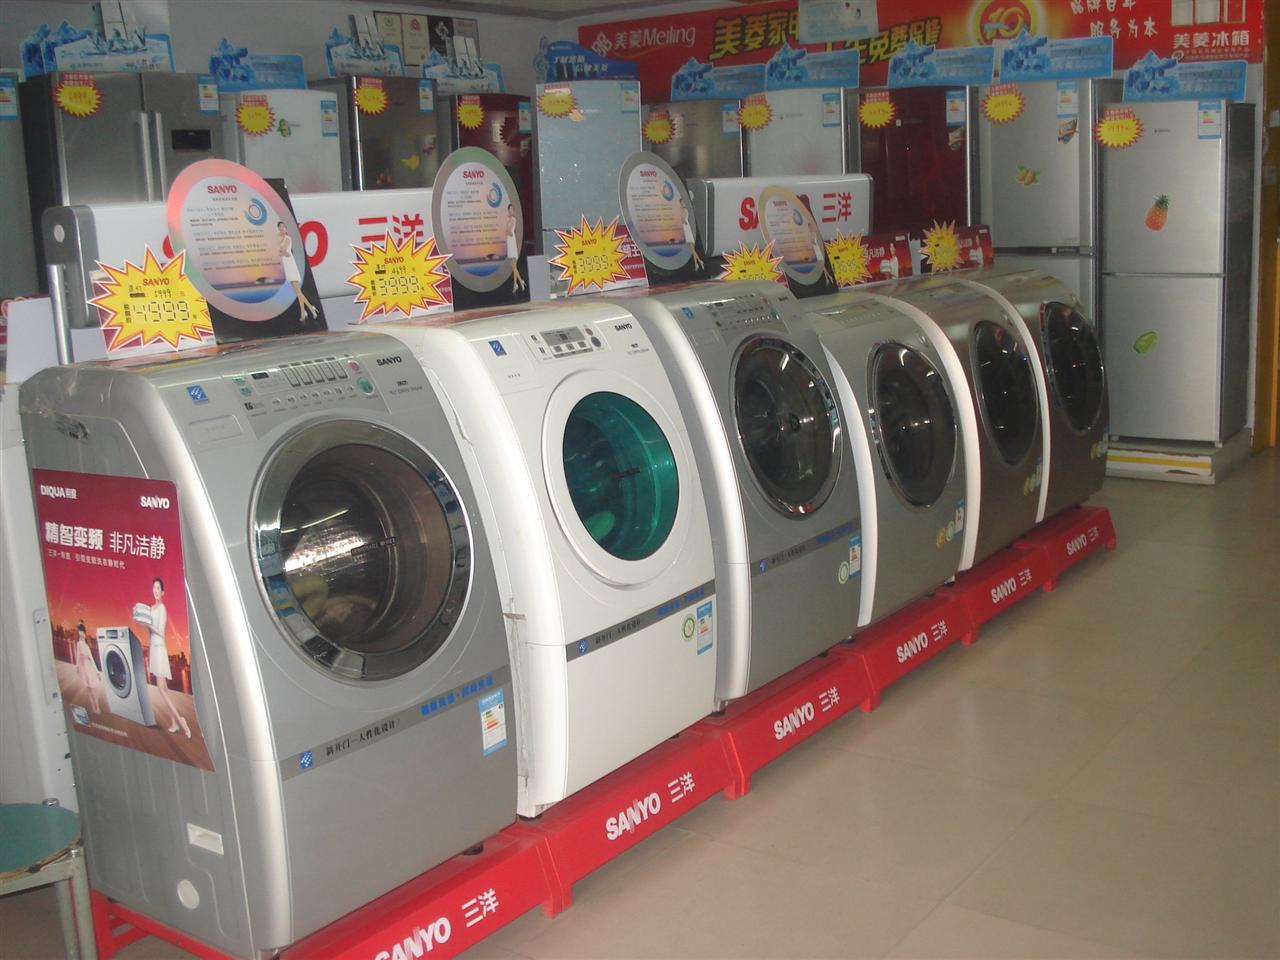 三洋洗衣机;另外